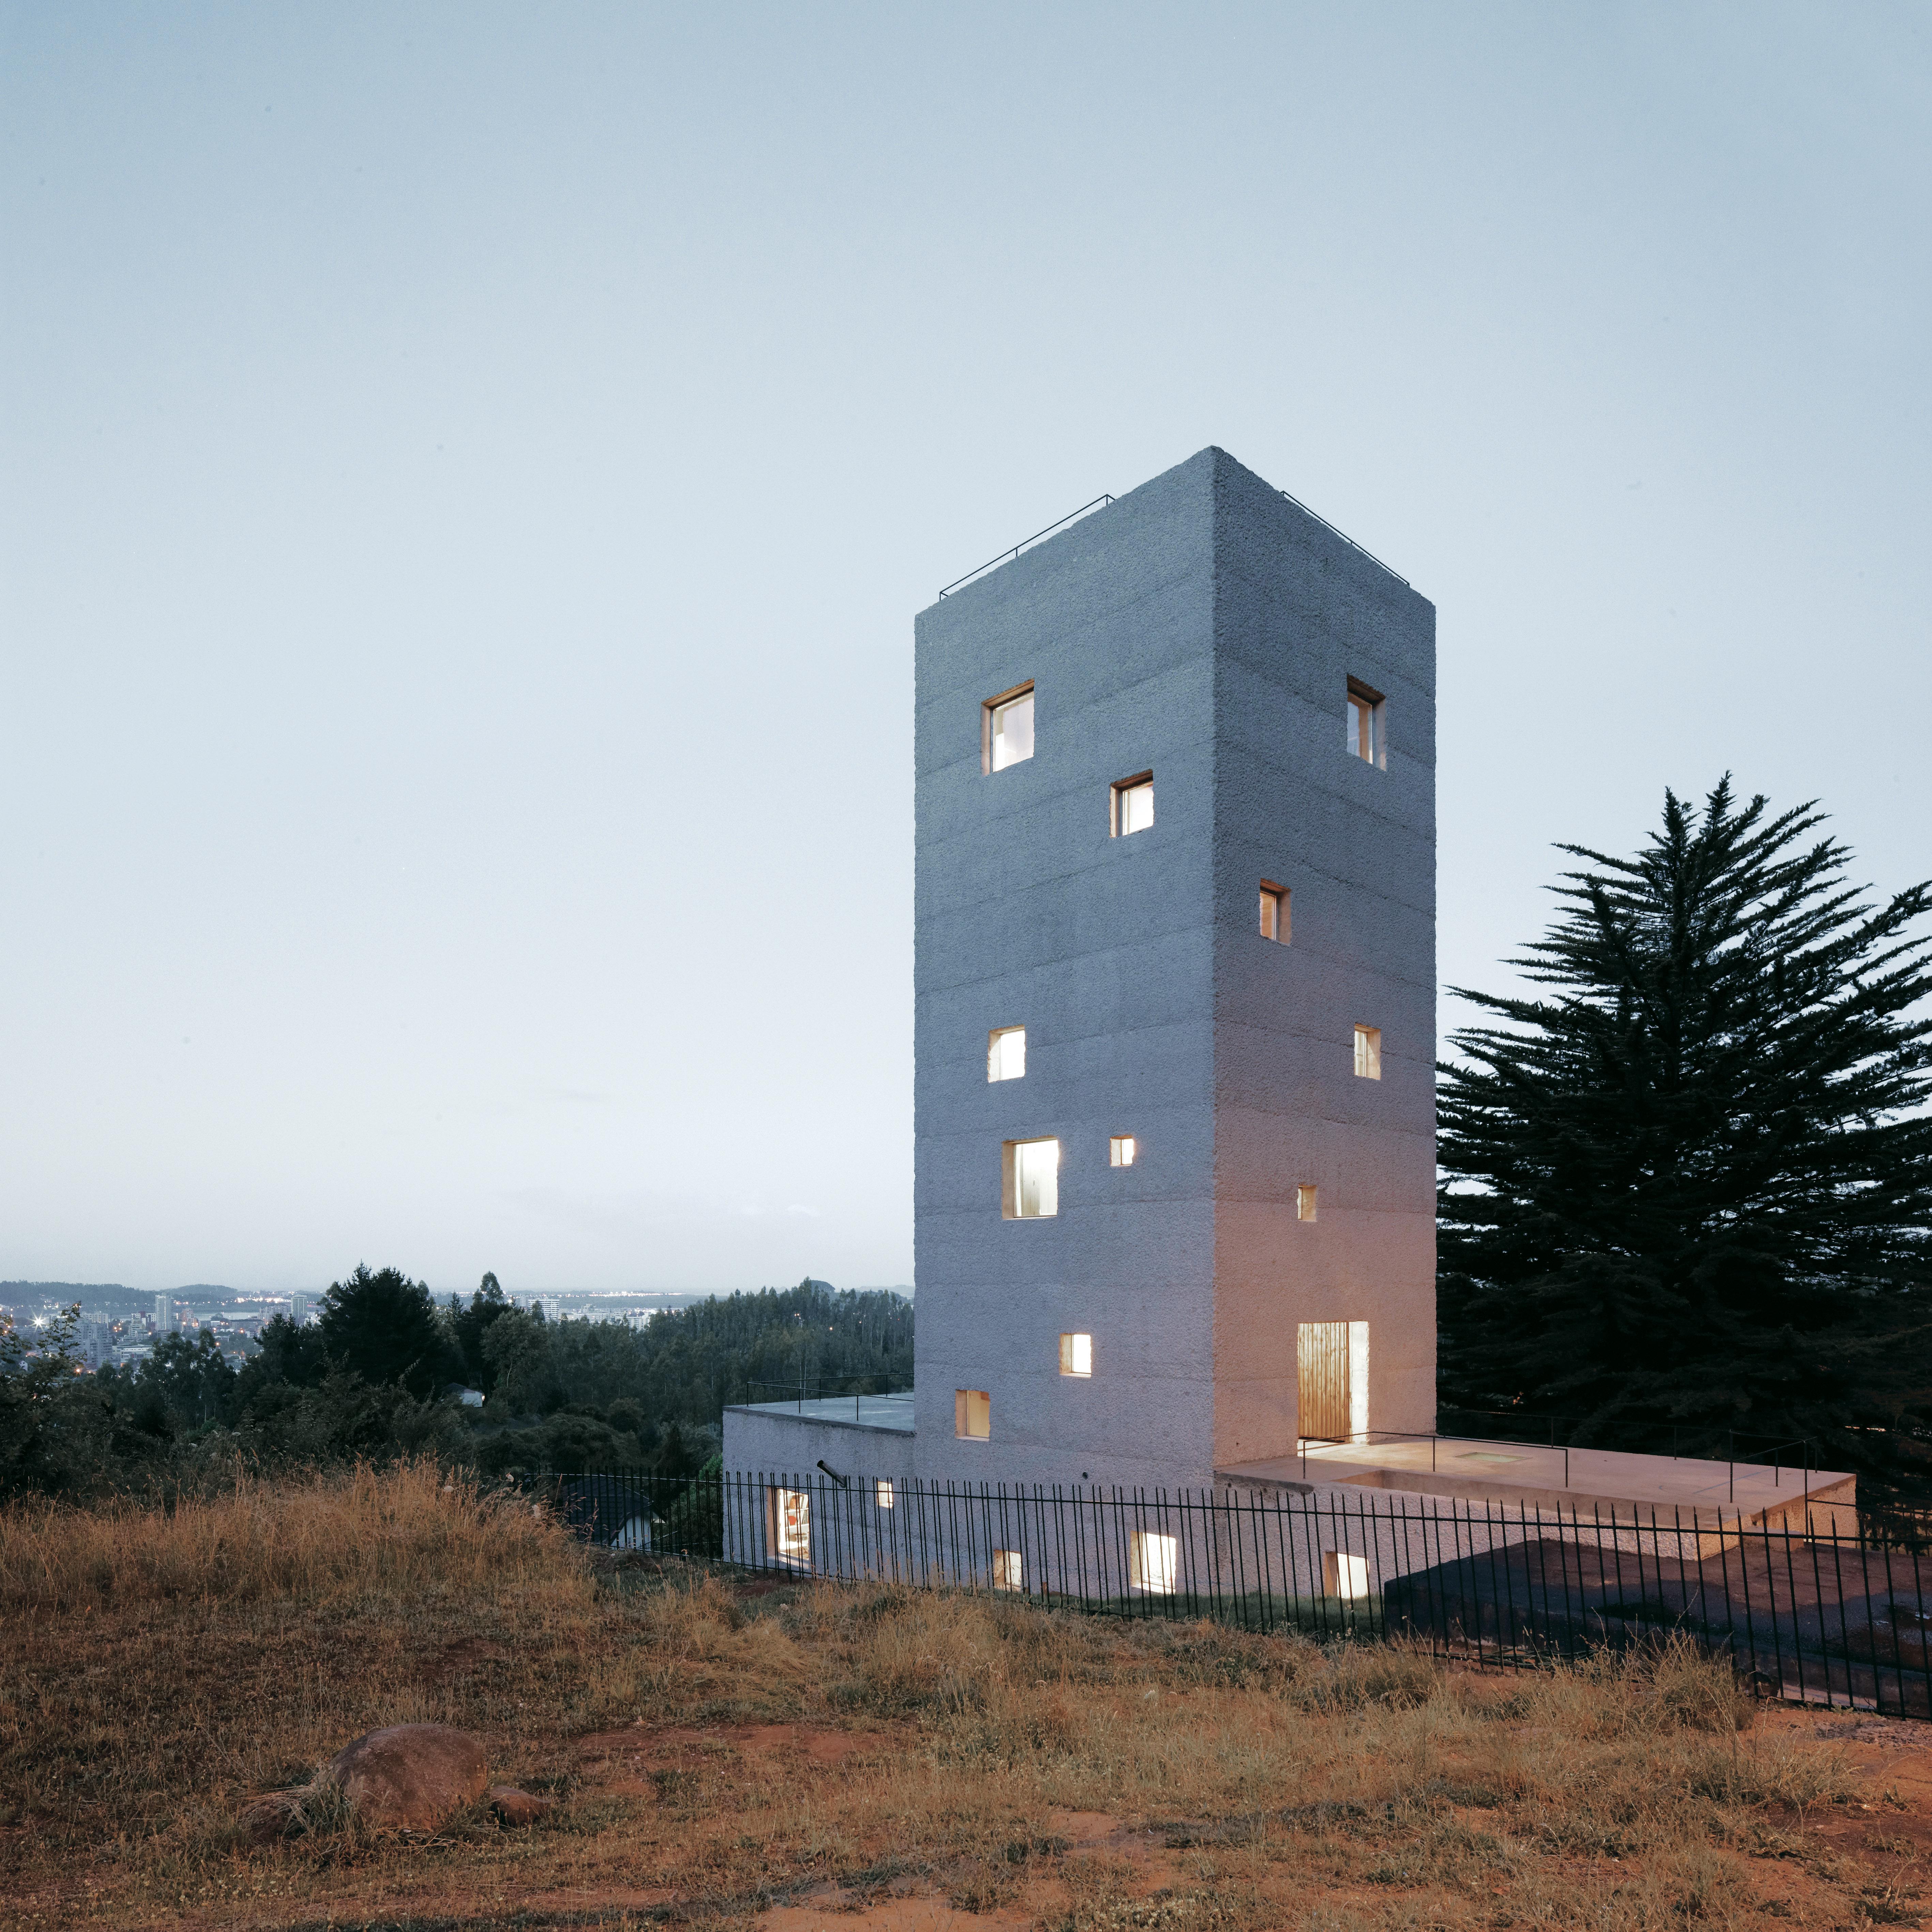 concrete home exterior in chile